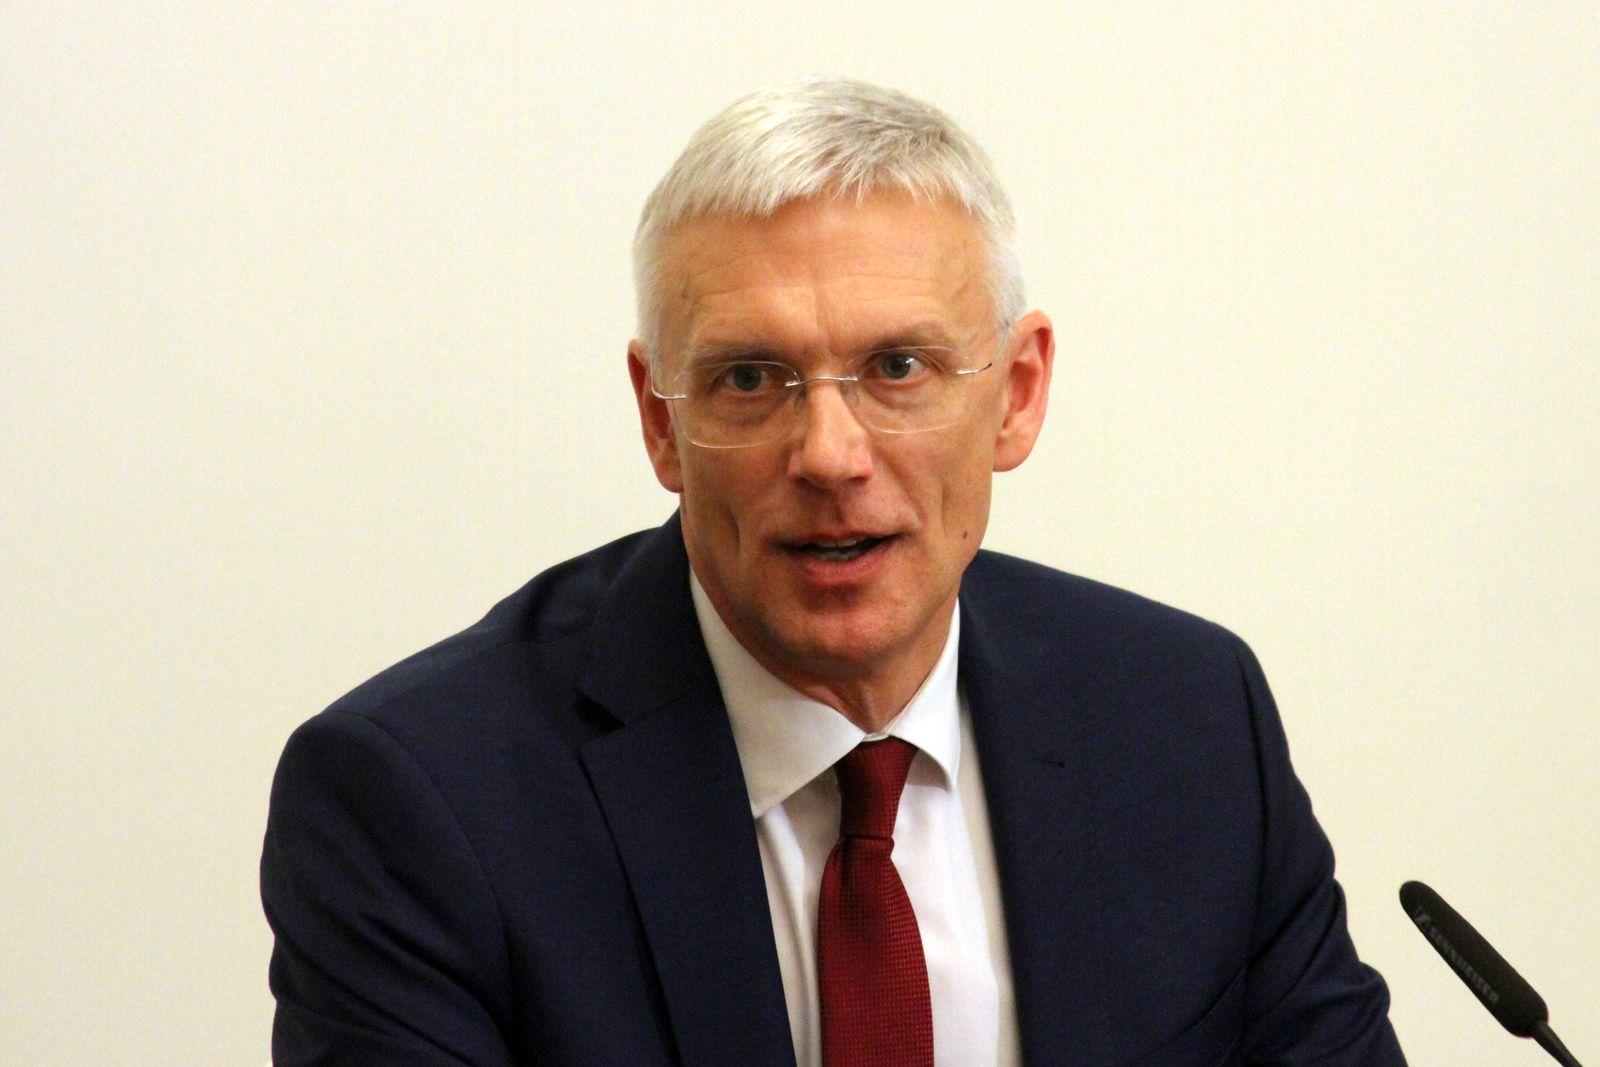 Karins wird lettischer Ministerpräsident